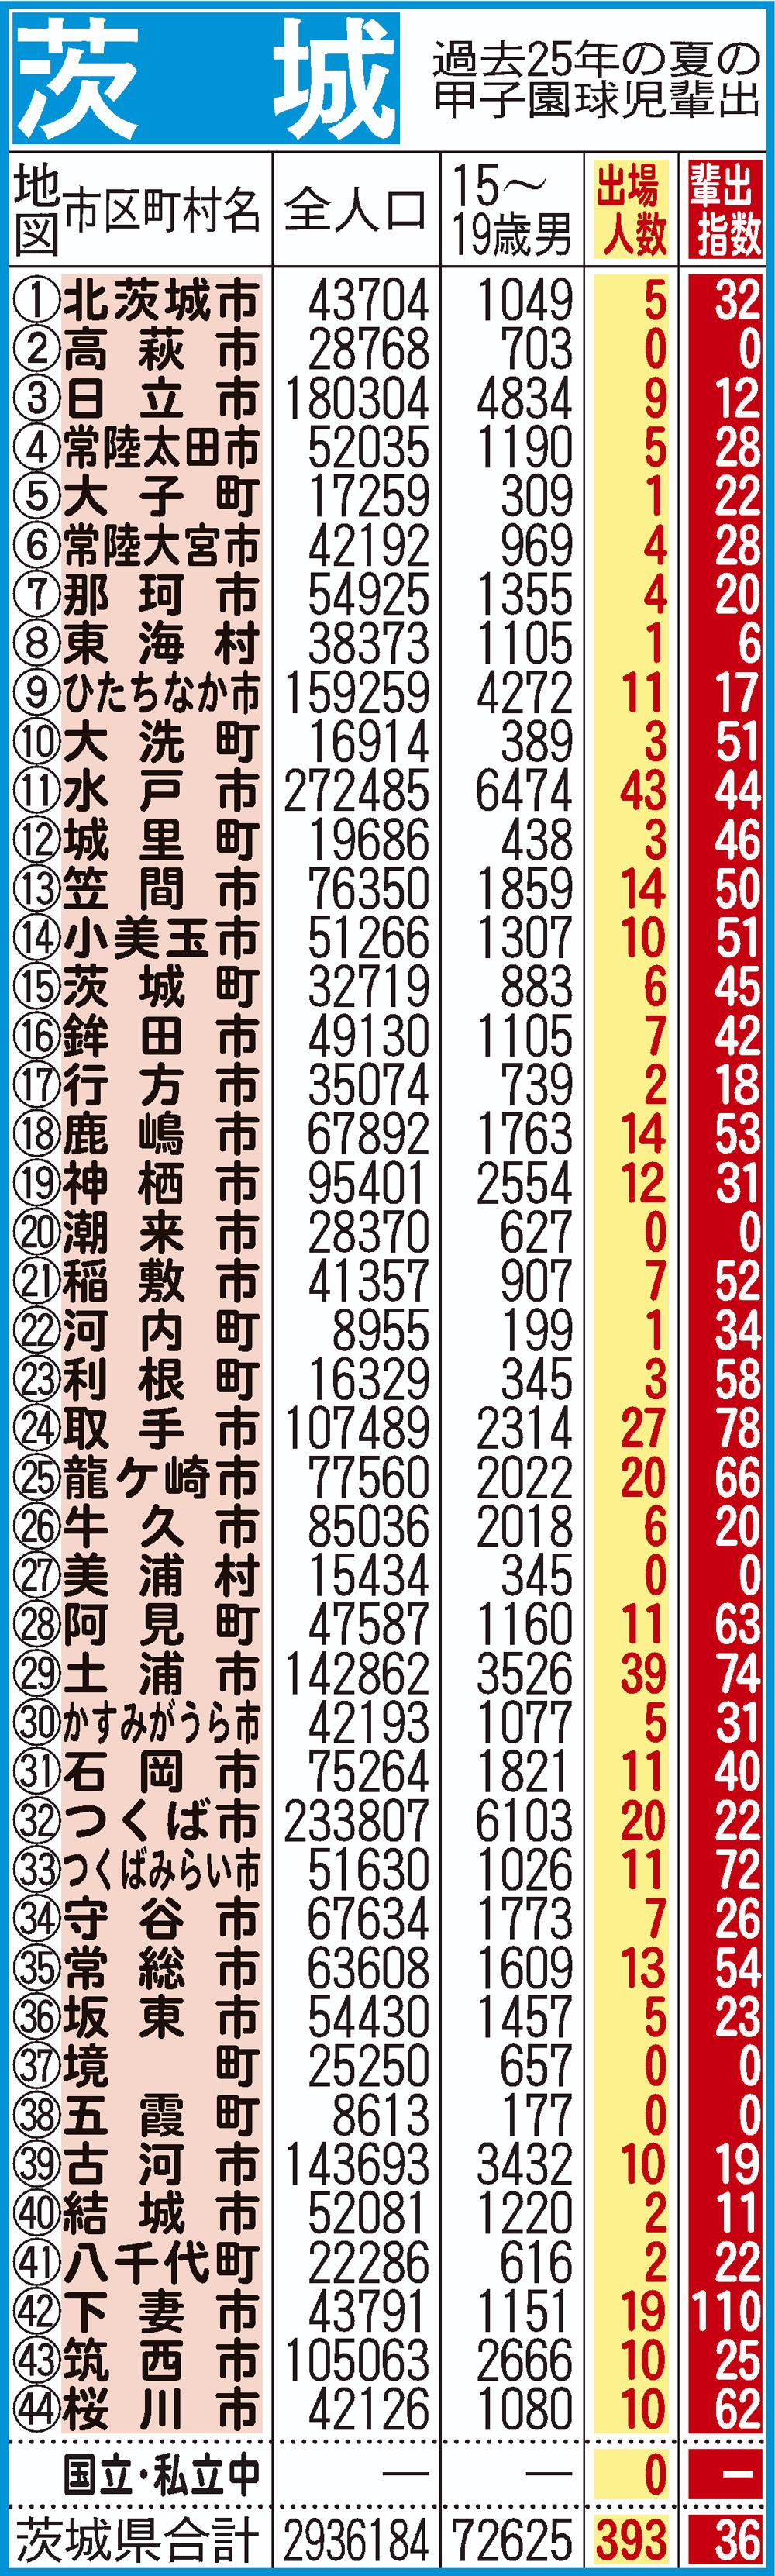 過去25年間における茨城の甲子園指数